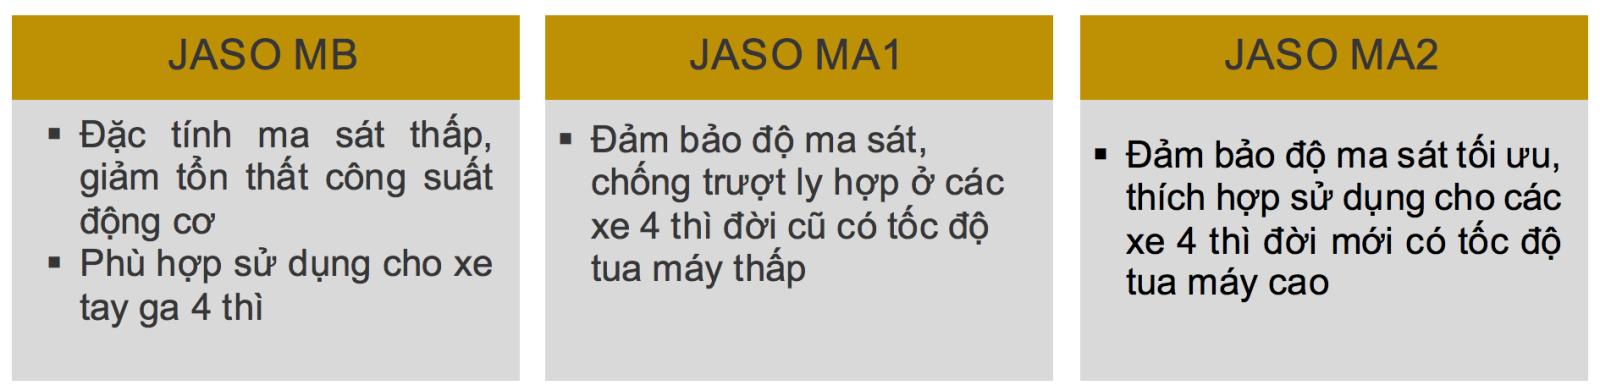 Tính năng của từng loại tiêu chuẩn JASO